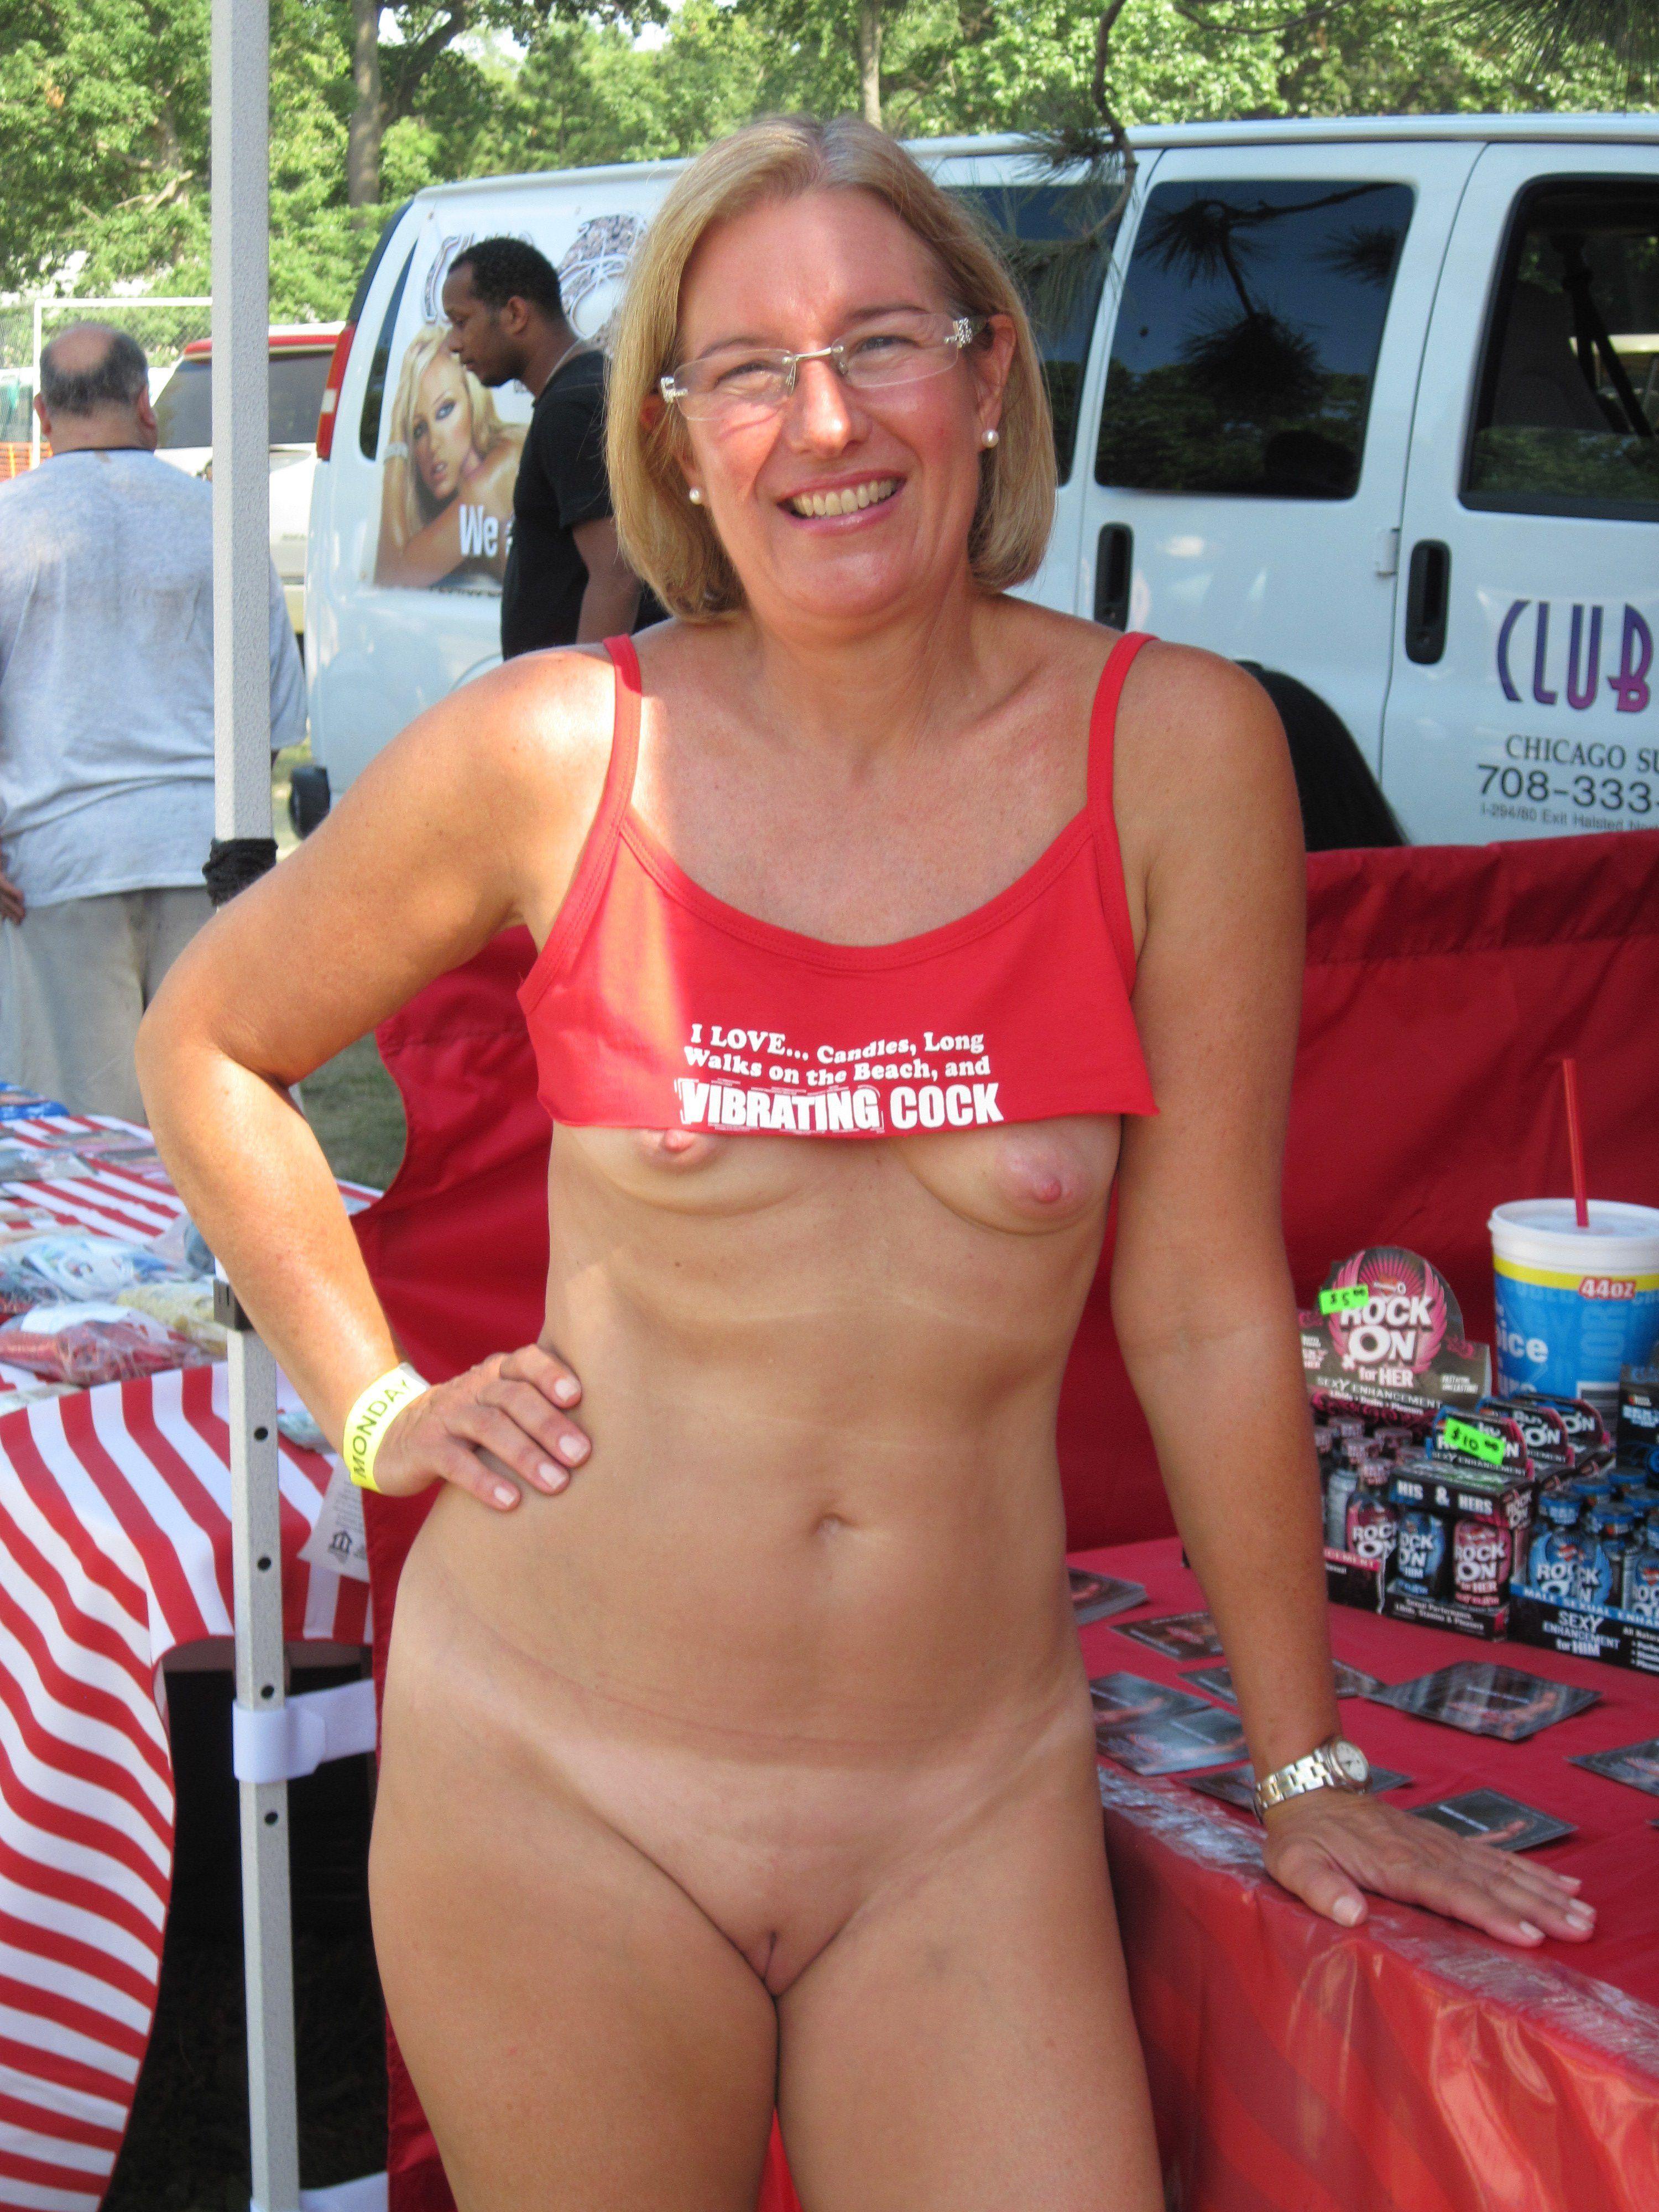 best of Nudist jpegs Free